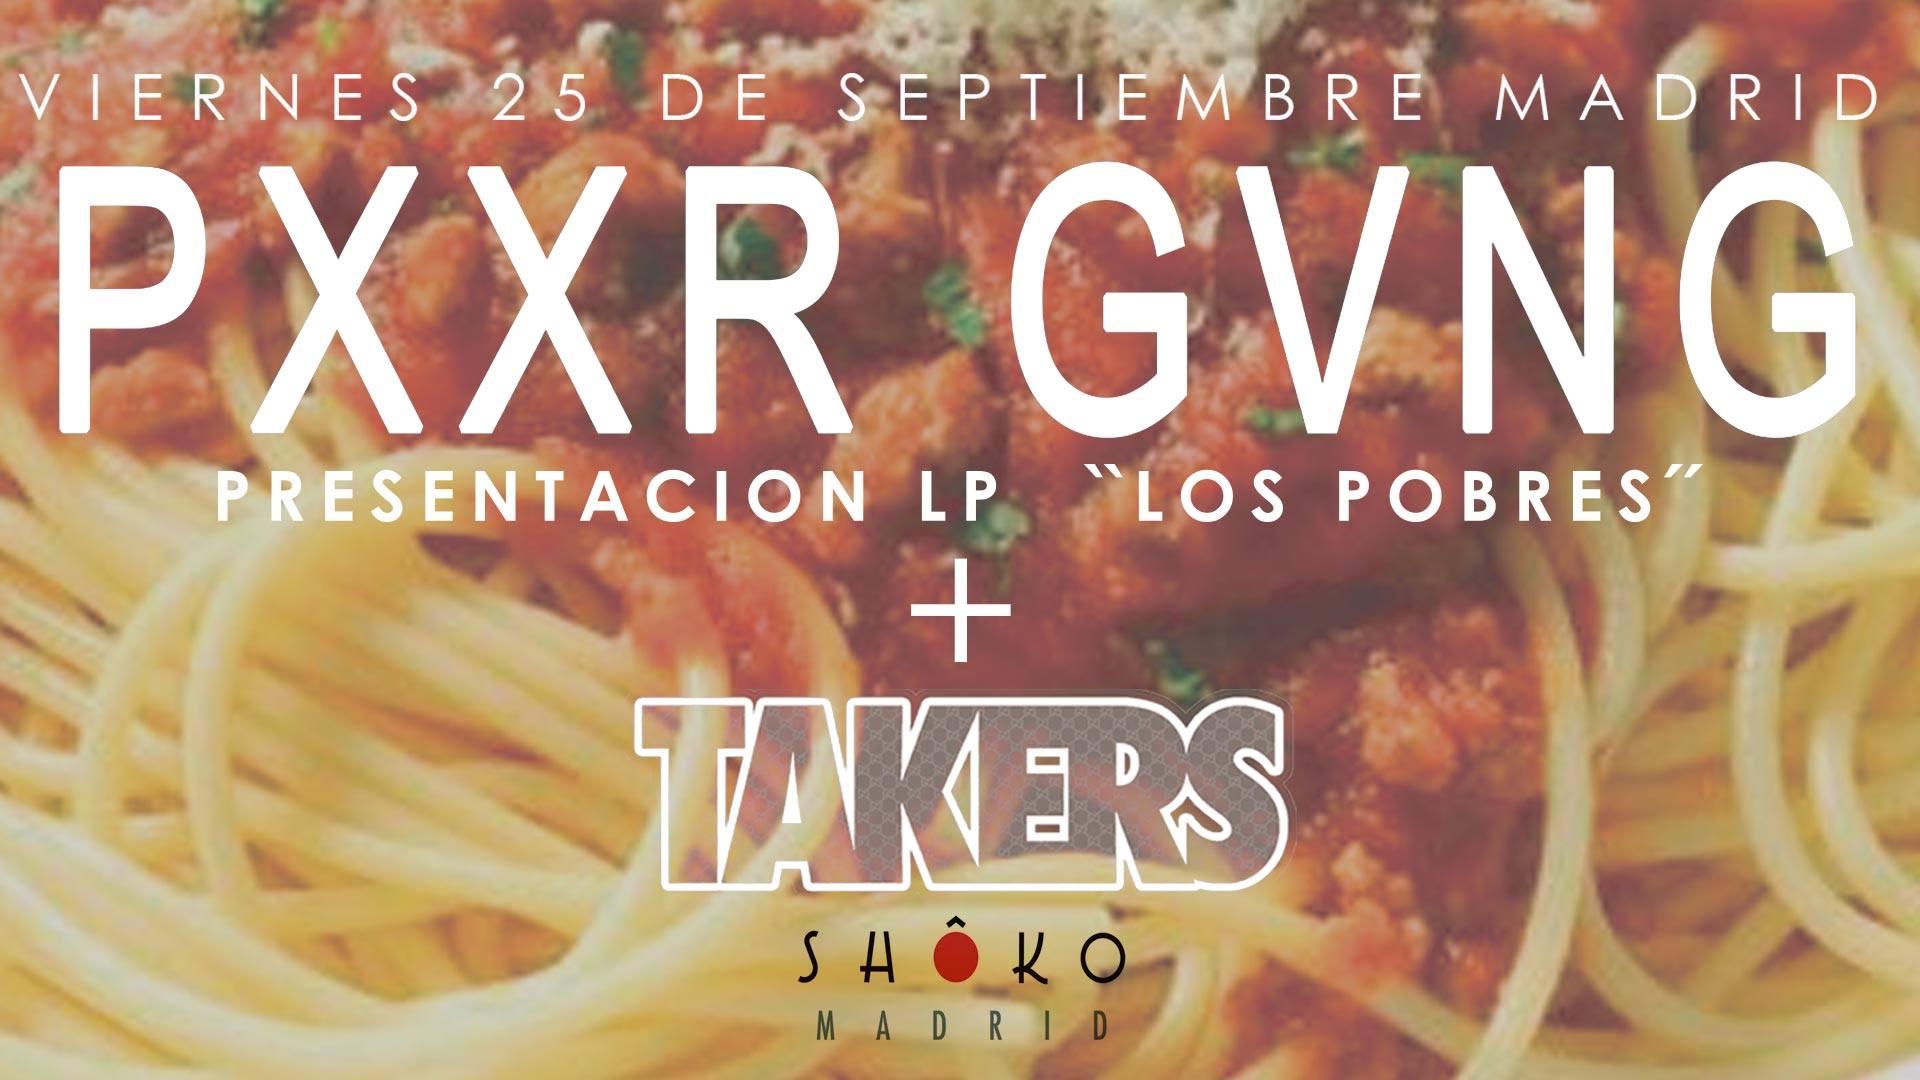 PXXR GVNG y TAKERS, la familia de concierto en Madrid